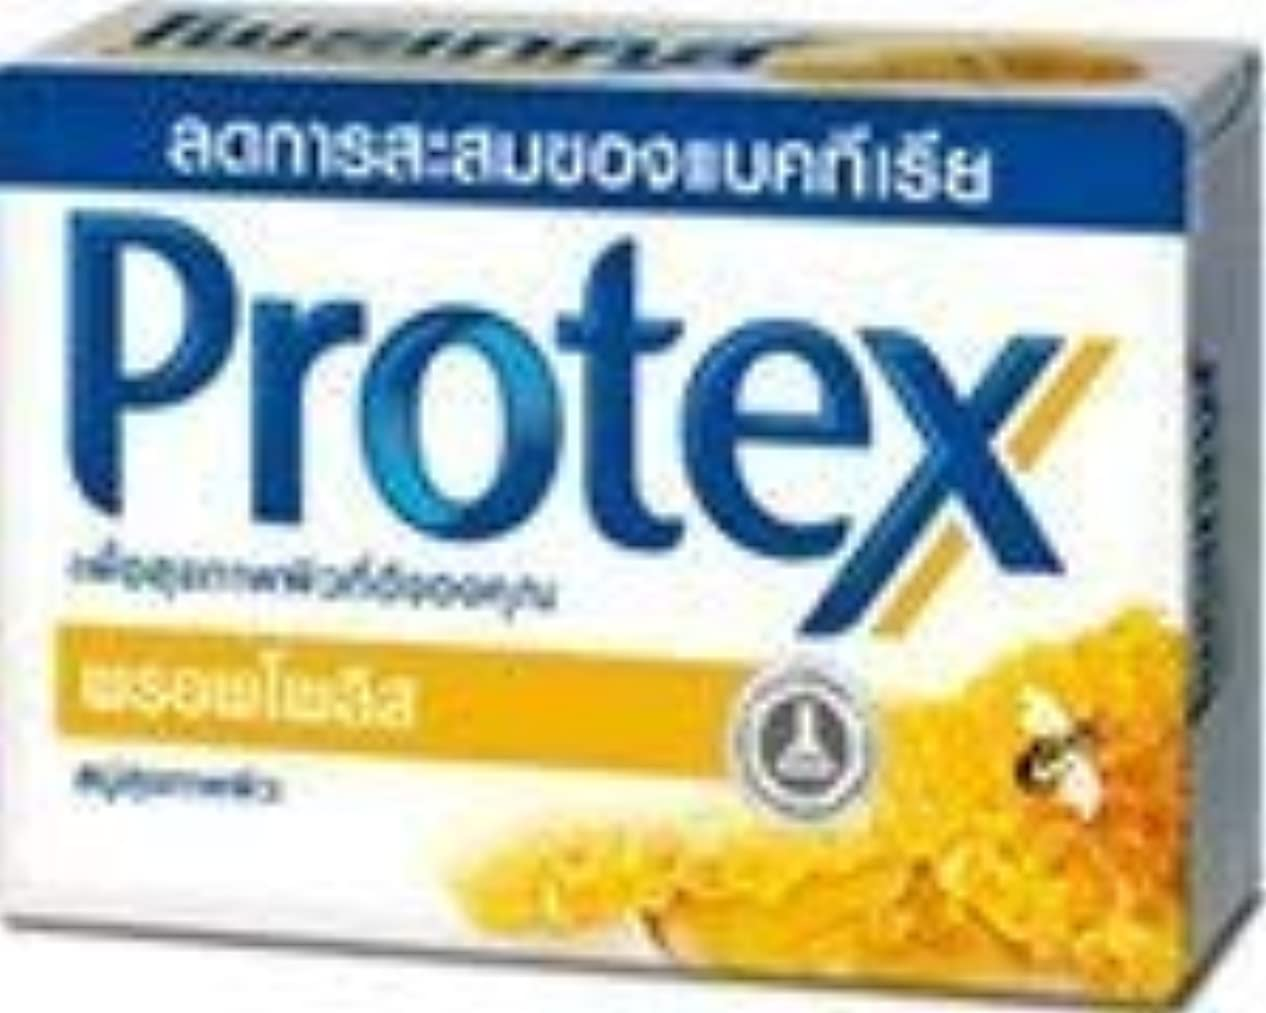 否認するクライマックスパシフィックProtex, Bar Soap, Propolis, 75 g x 4 by Ni Yom Thai shop